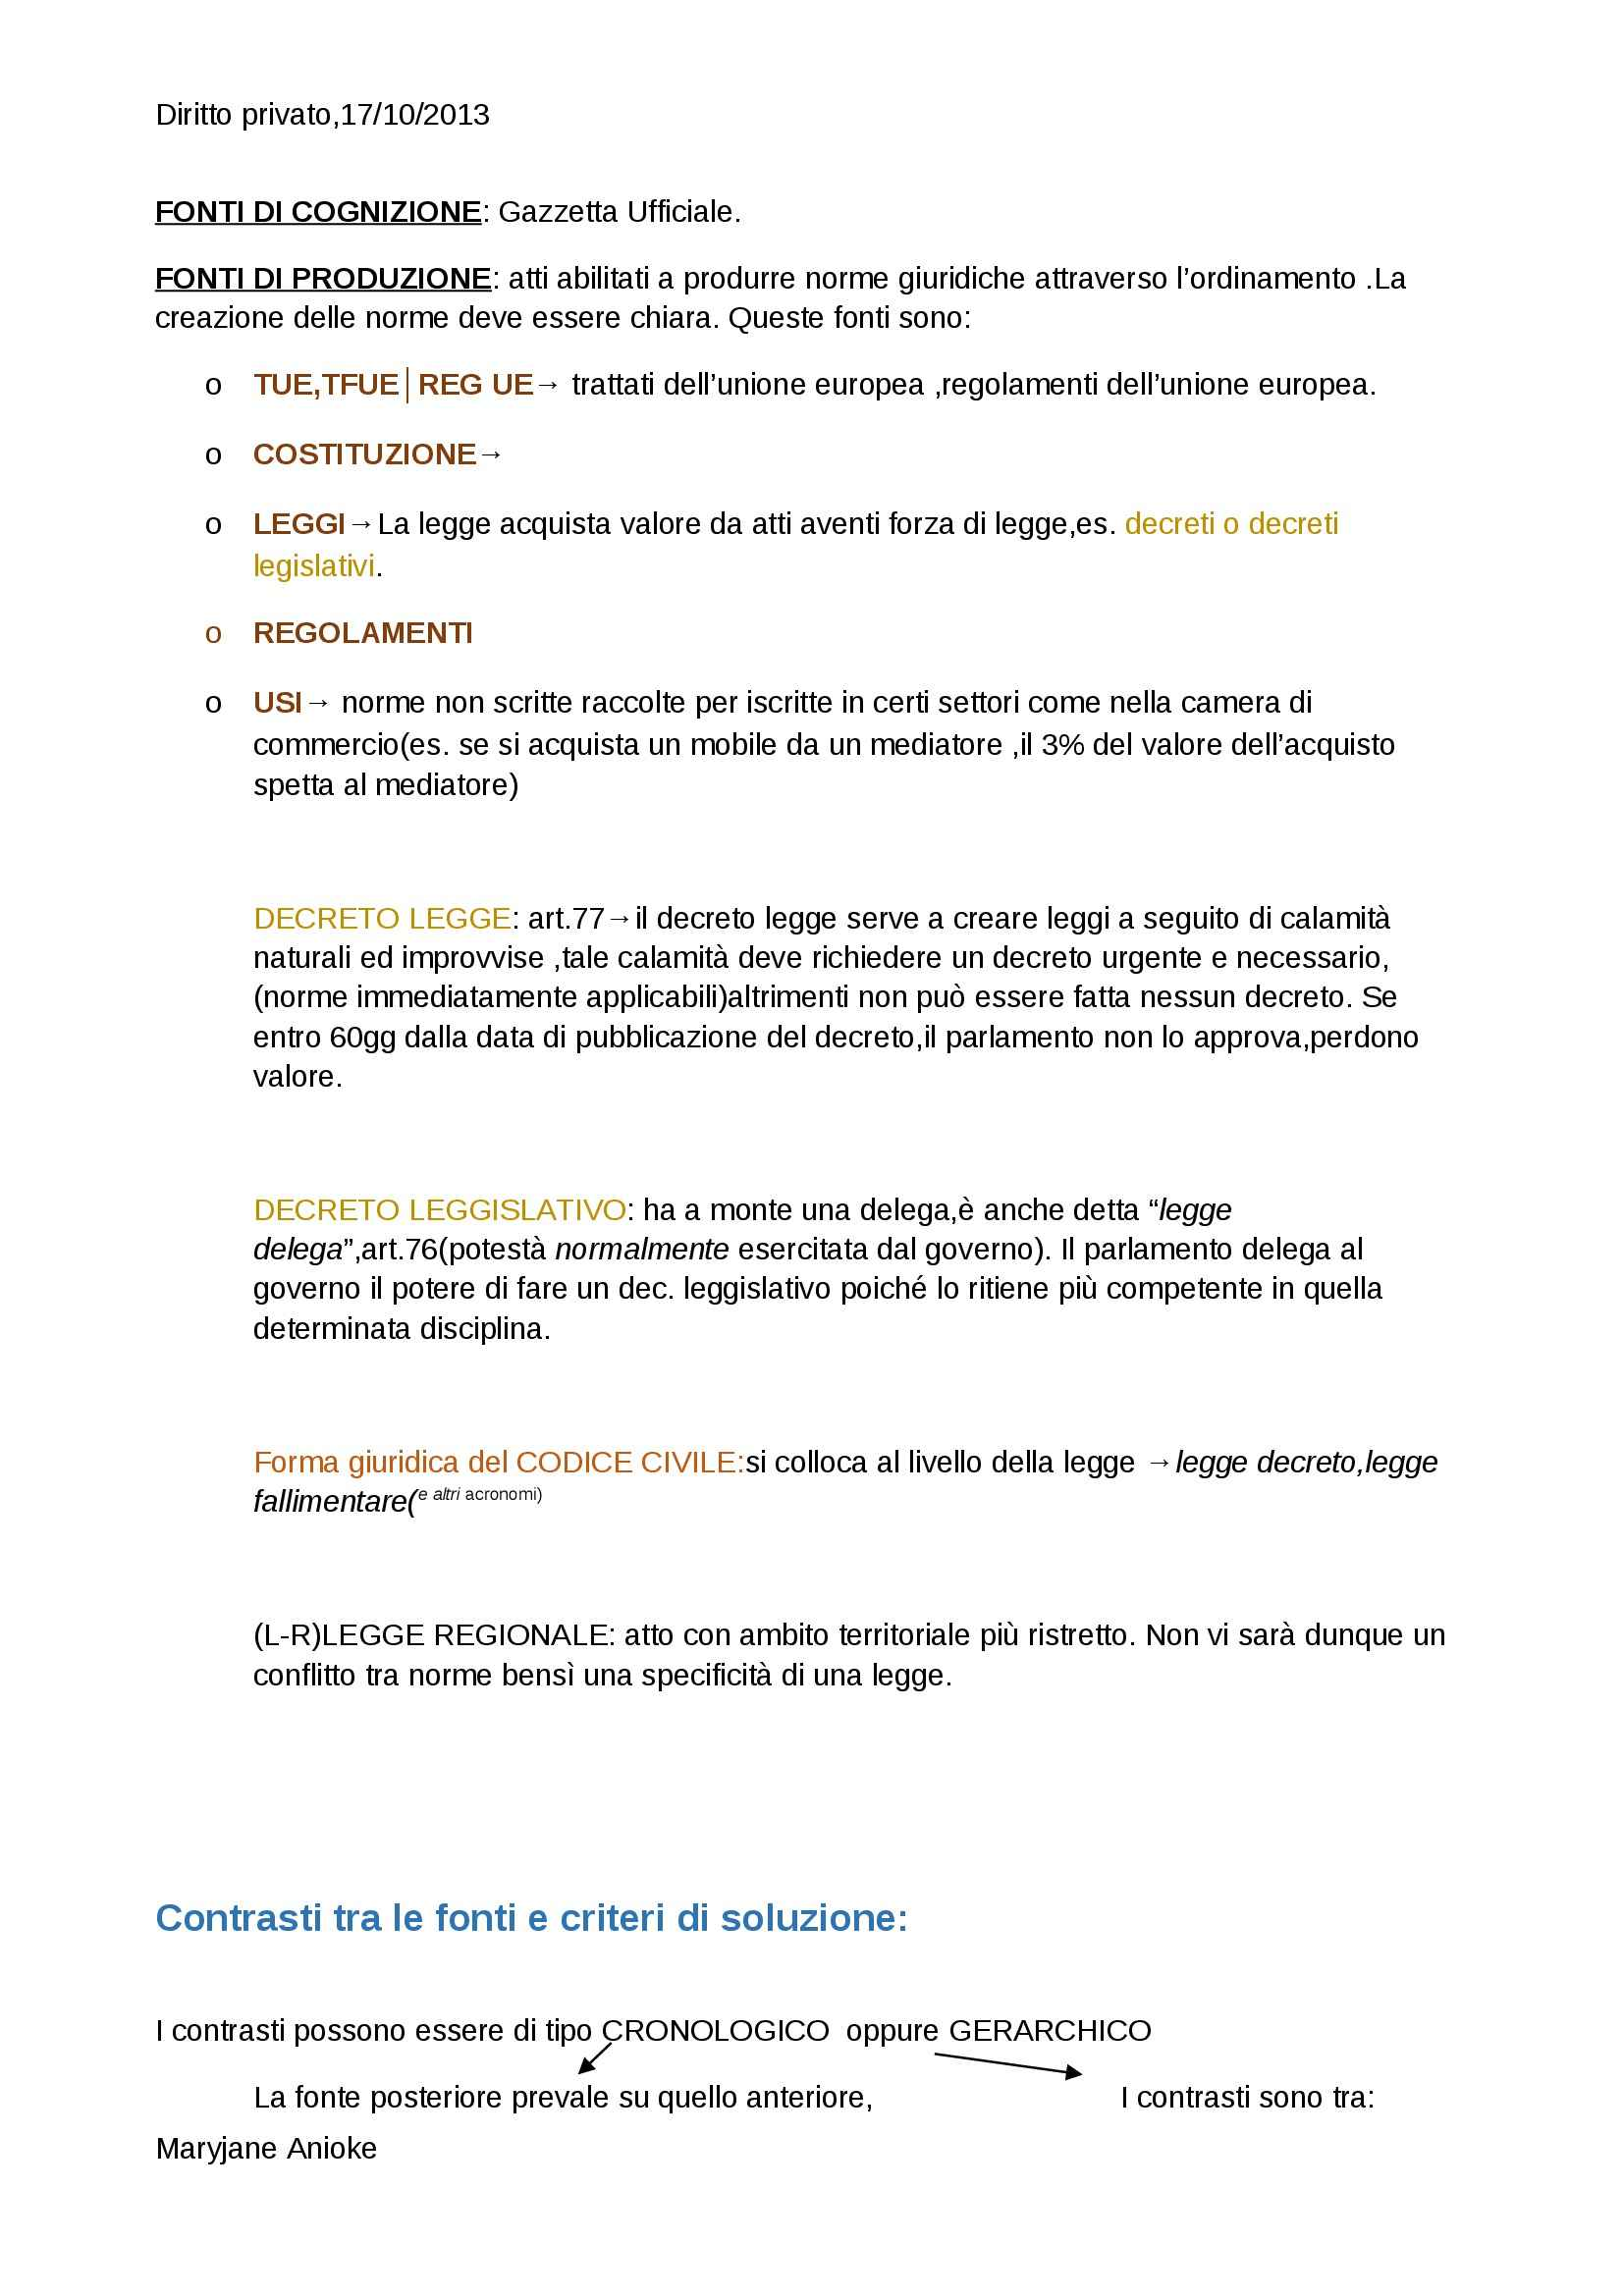 Diritto privato e commerciale - Appunti Pag. 6